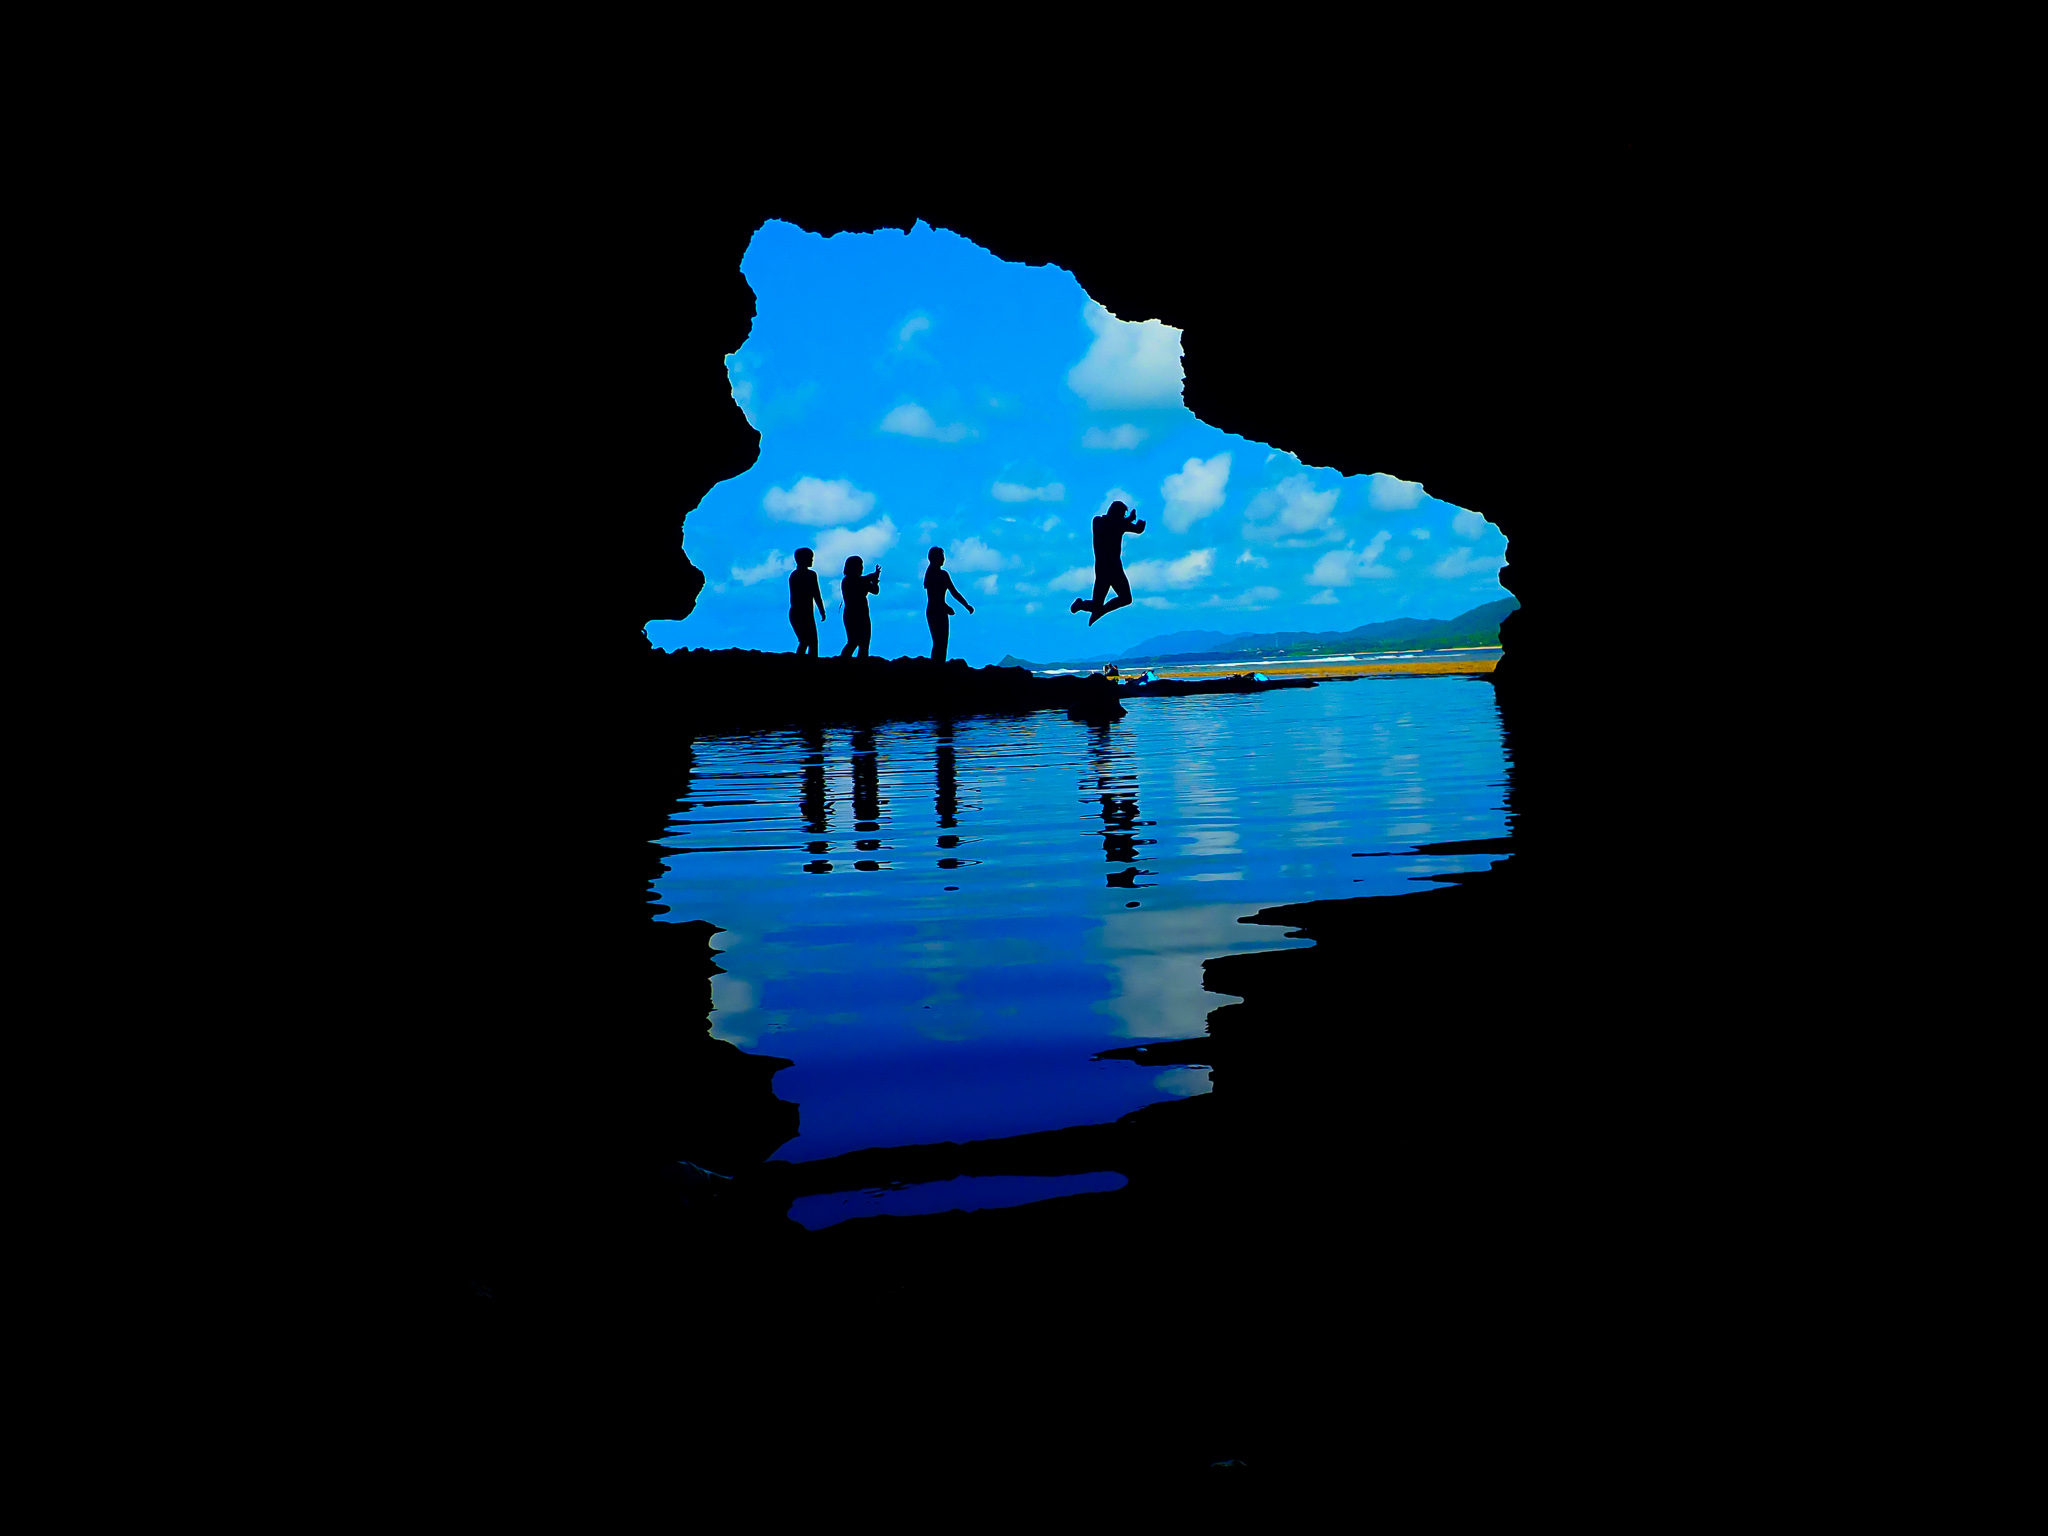 青の洞窟シュノーケリングで洞窟に飛び込む